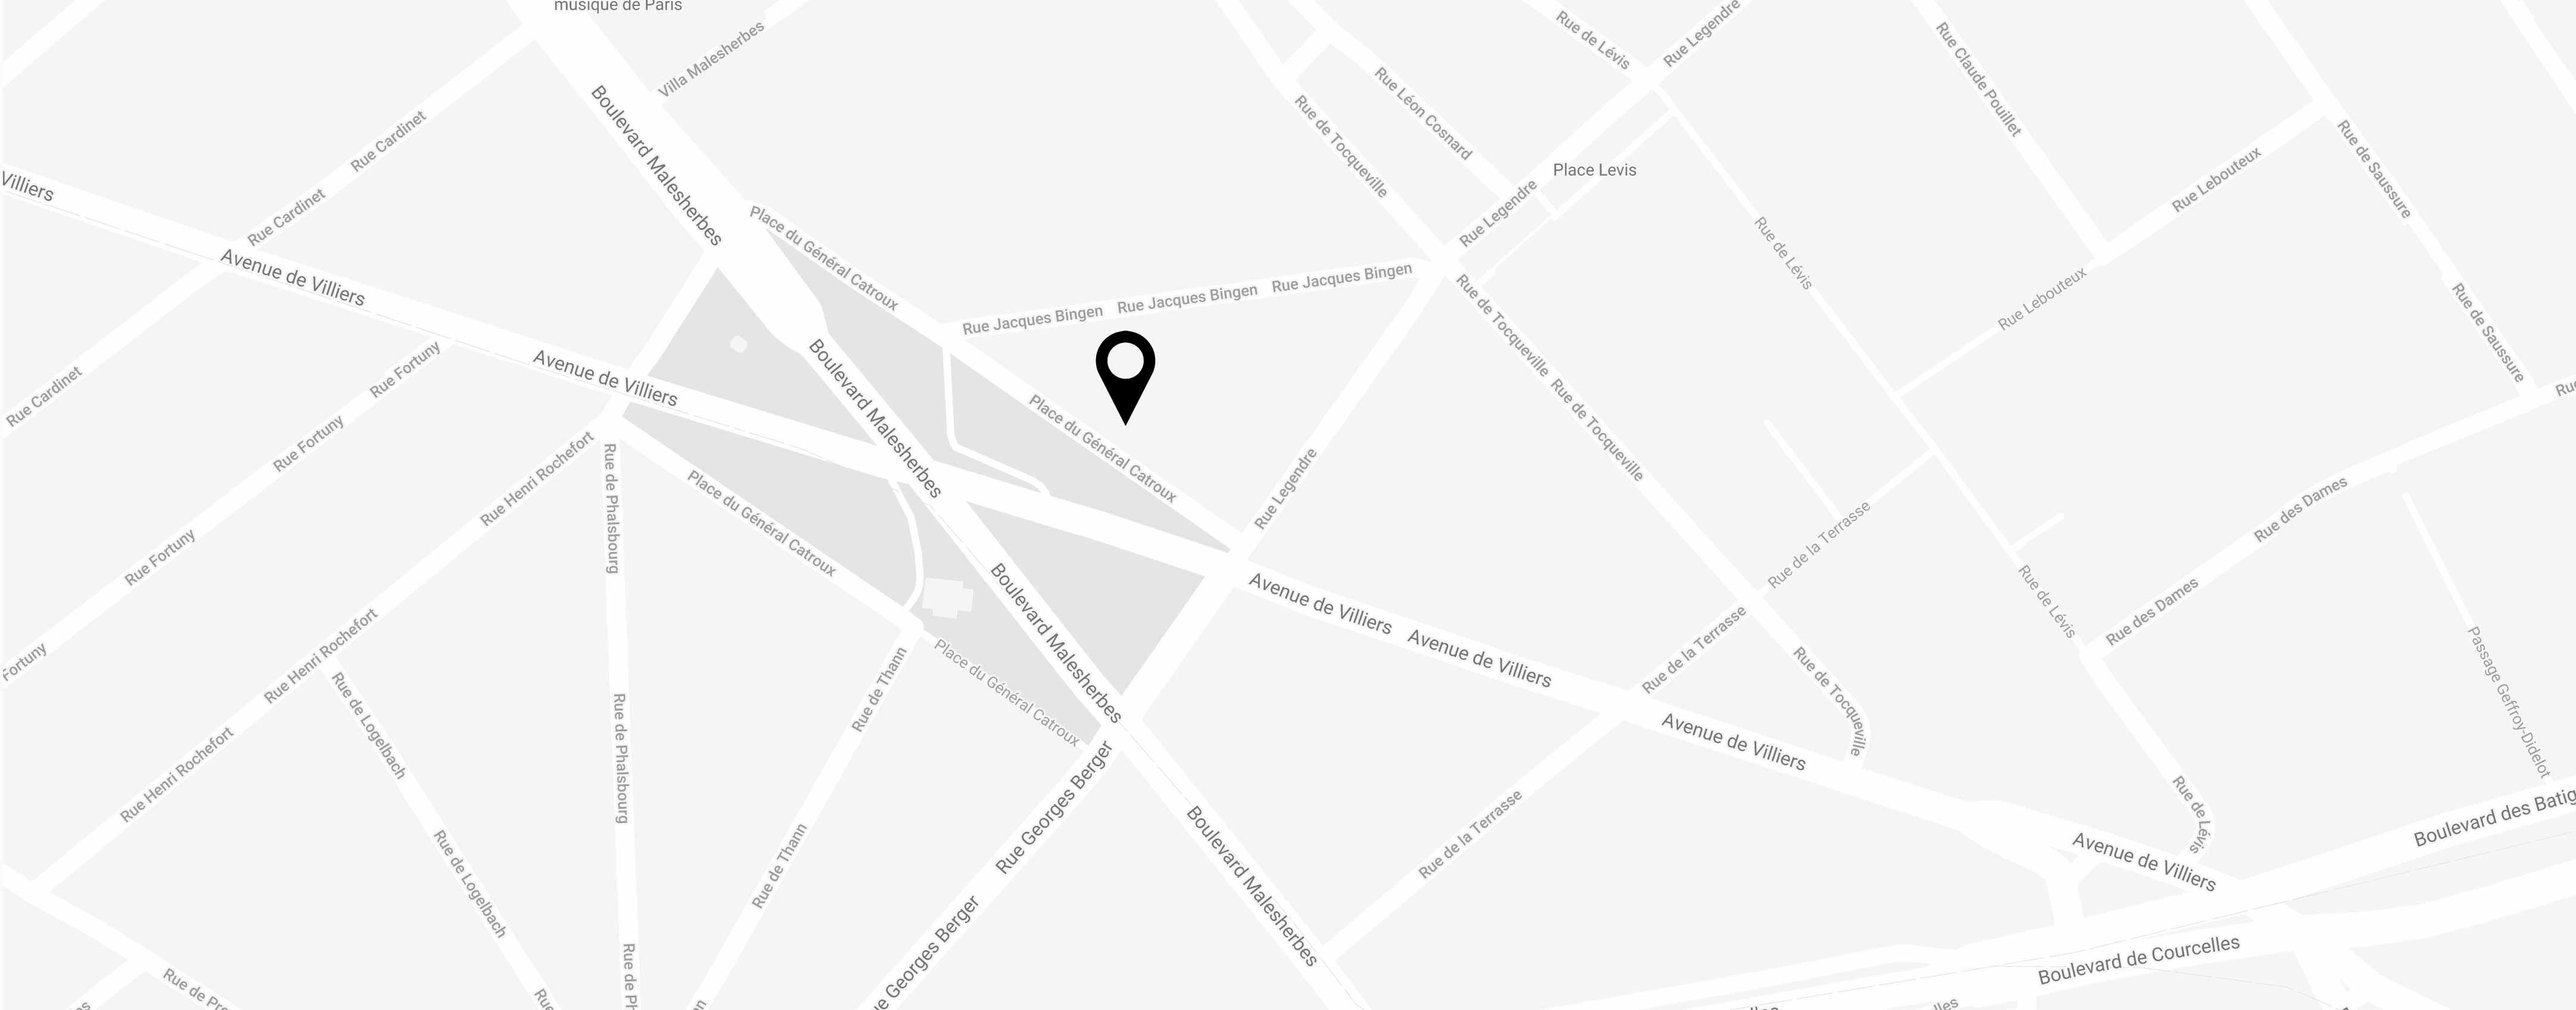 Cabinet Parisien Lmt Indépendant D'avocats D'affaires Avocats vqqw5T